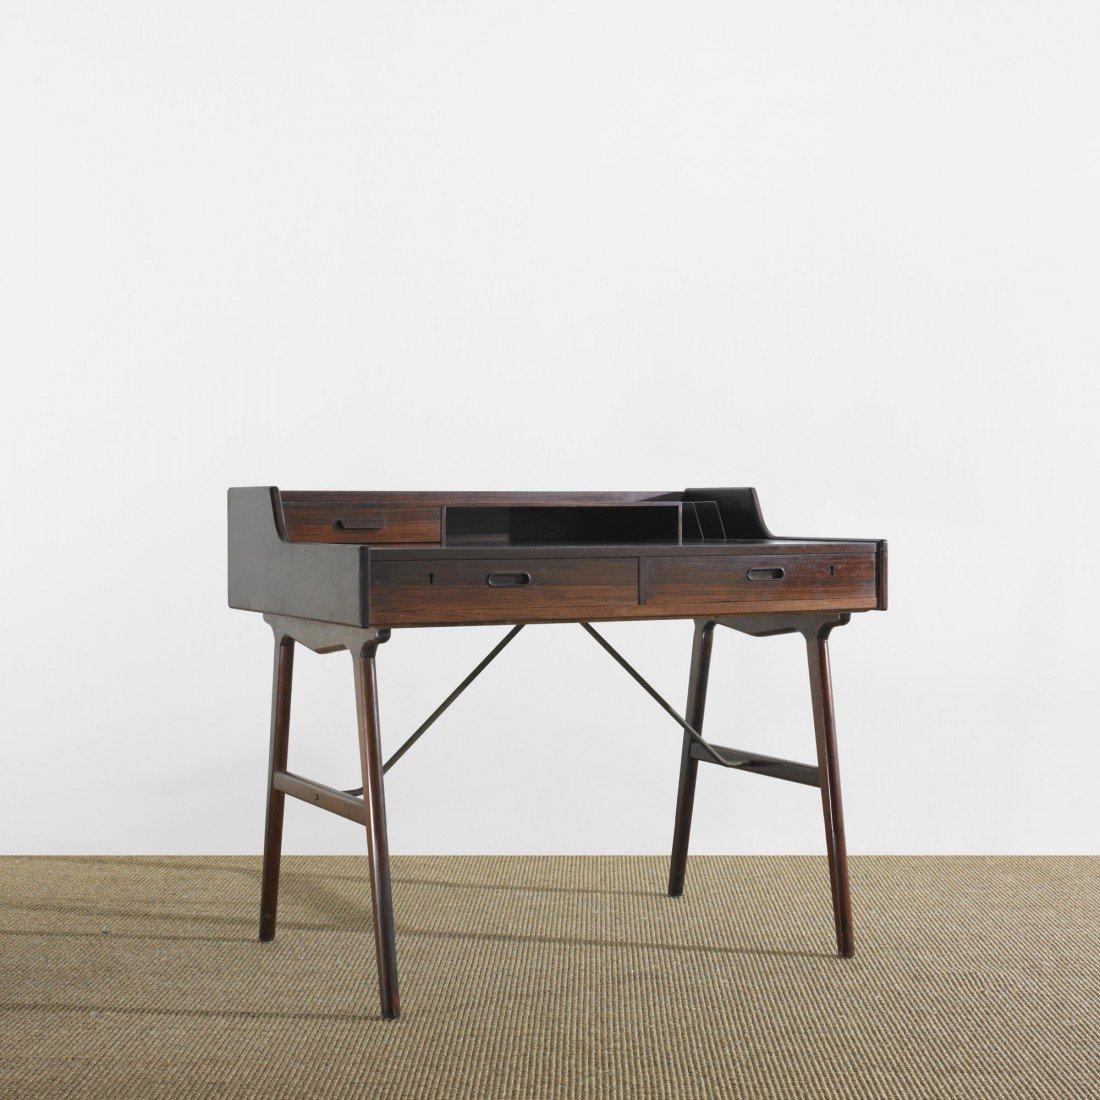 104: Arne Wahl Iversen desk